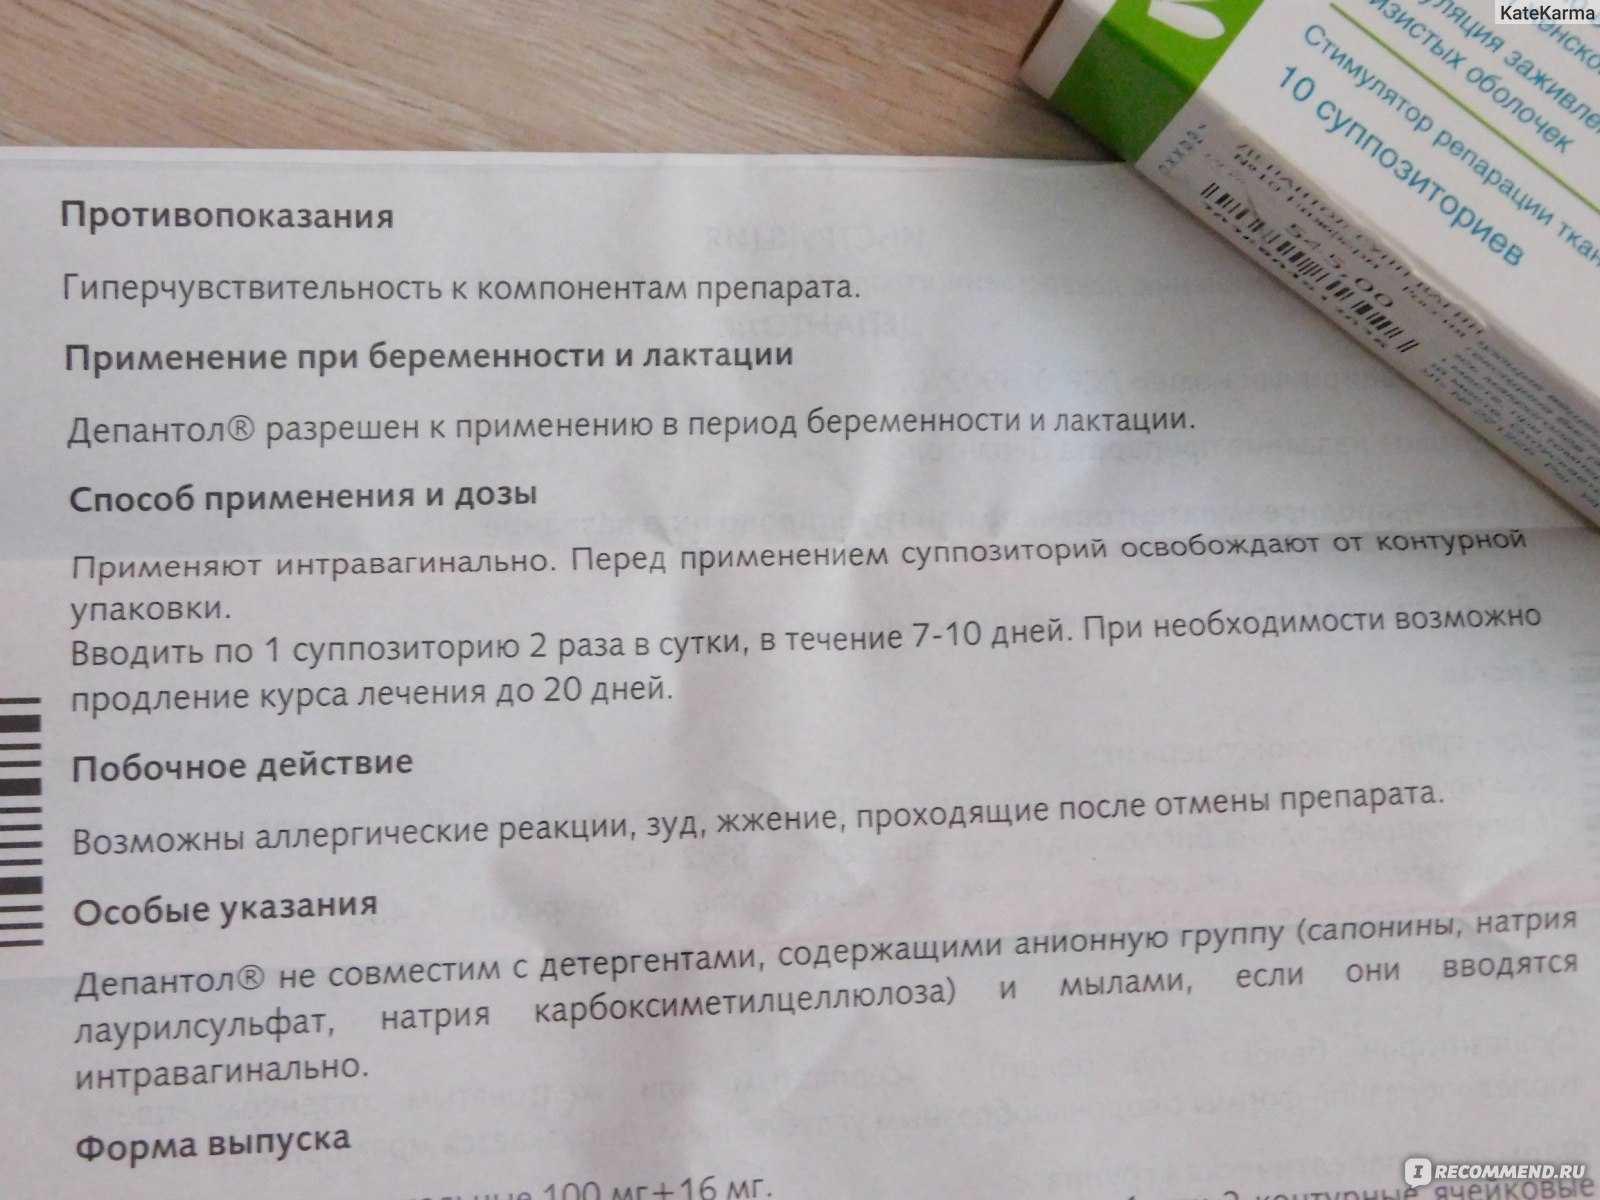 Бускопан свечи. инструкция по применению при беременности, перед родами, для детей. цена, аналоги, отзывы